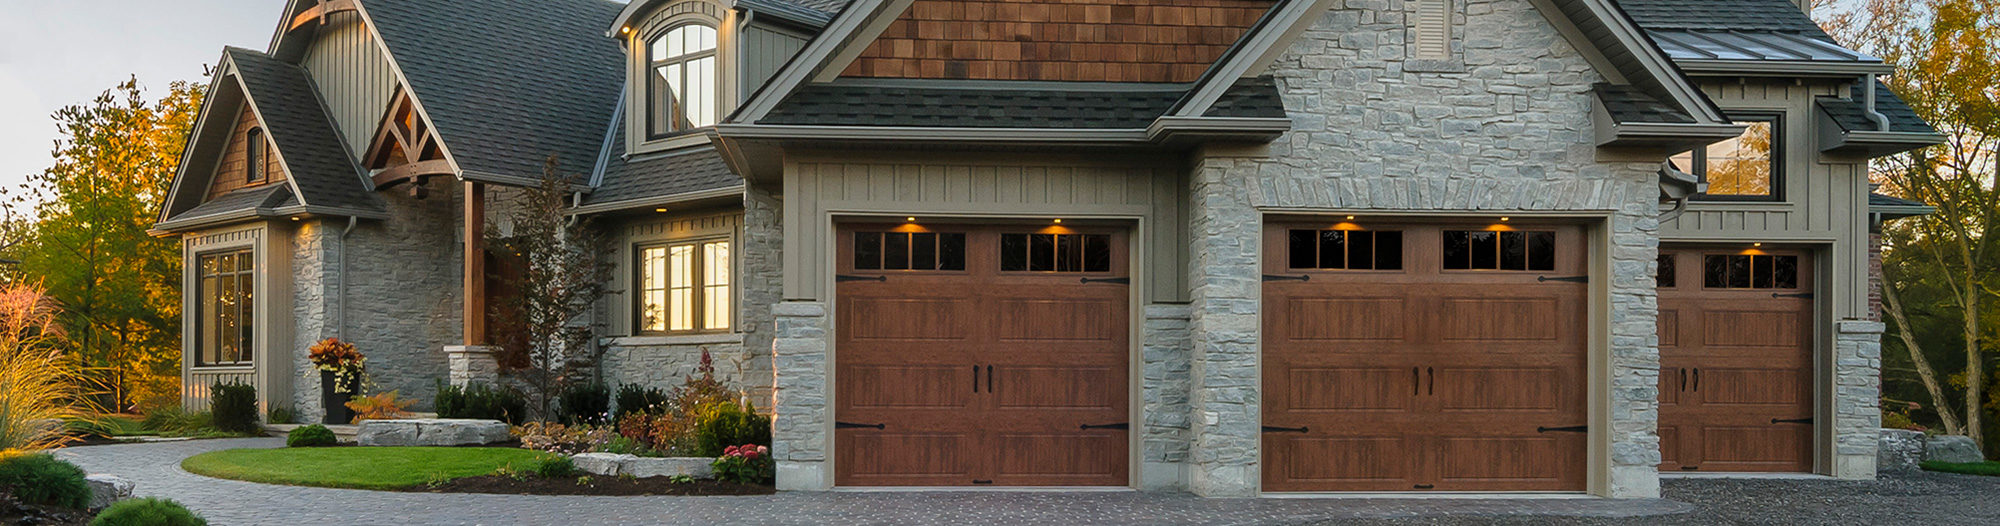 Your Garage Door Parts & Service Experts